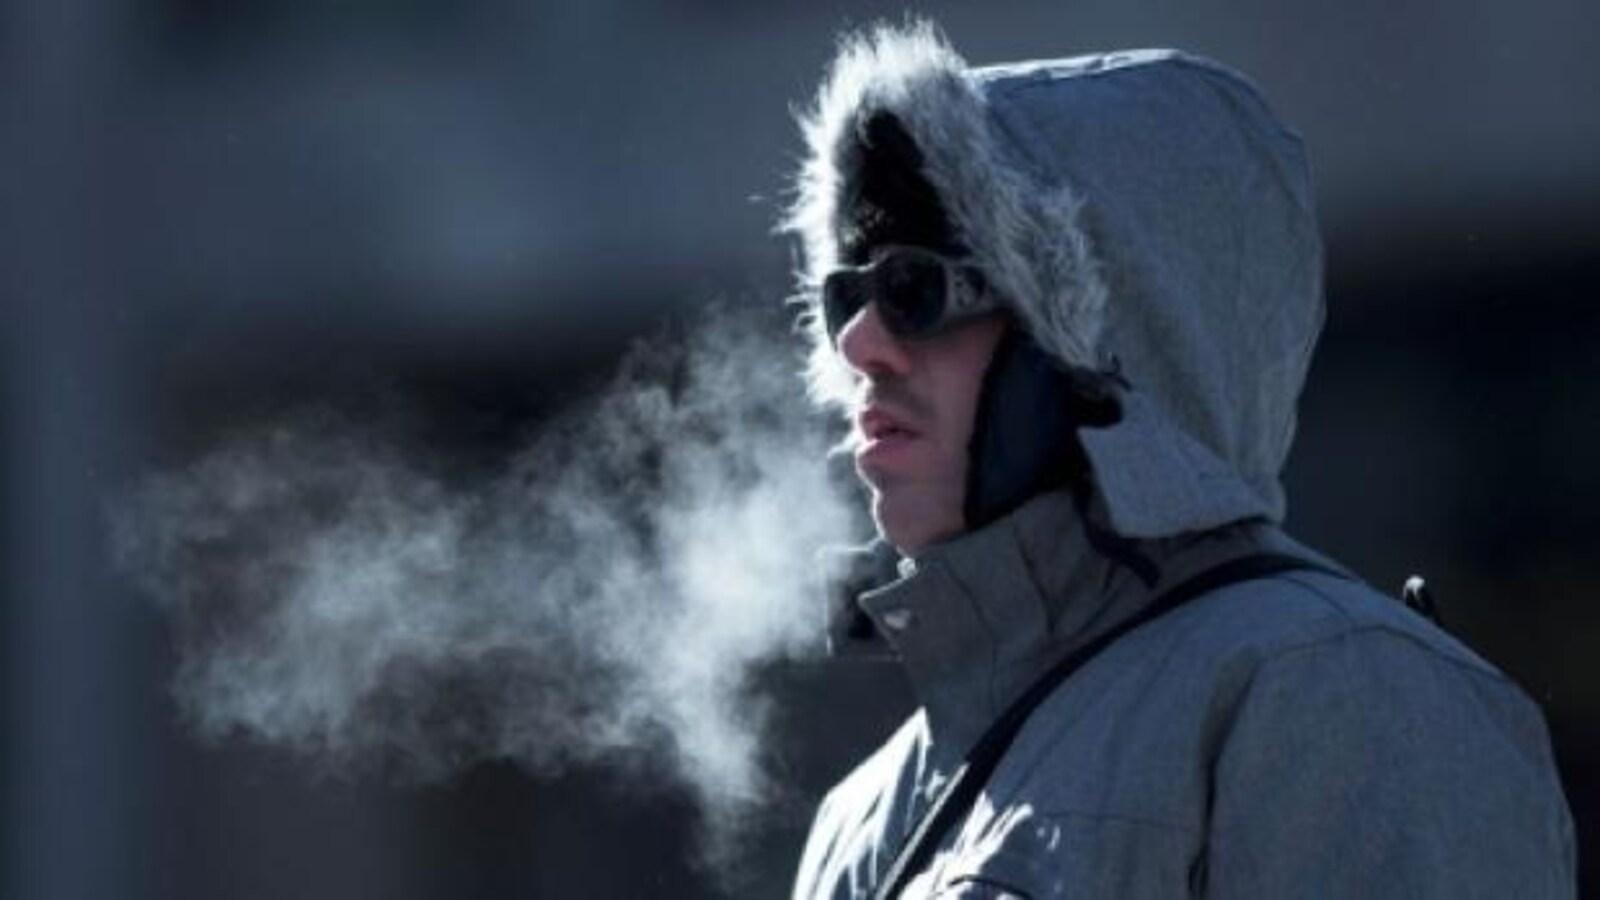 Un homme chaudement vêtu pour se protéger du froid extrême.